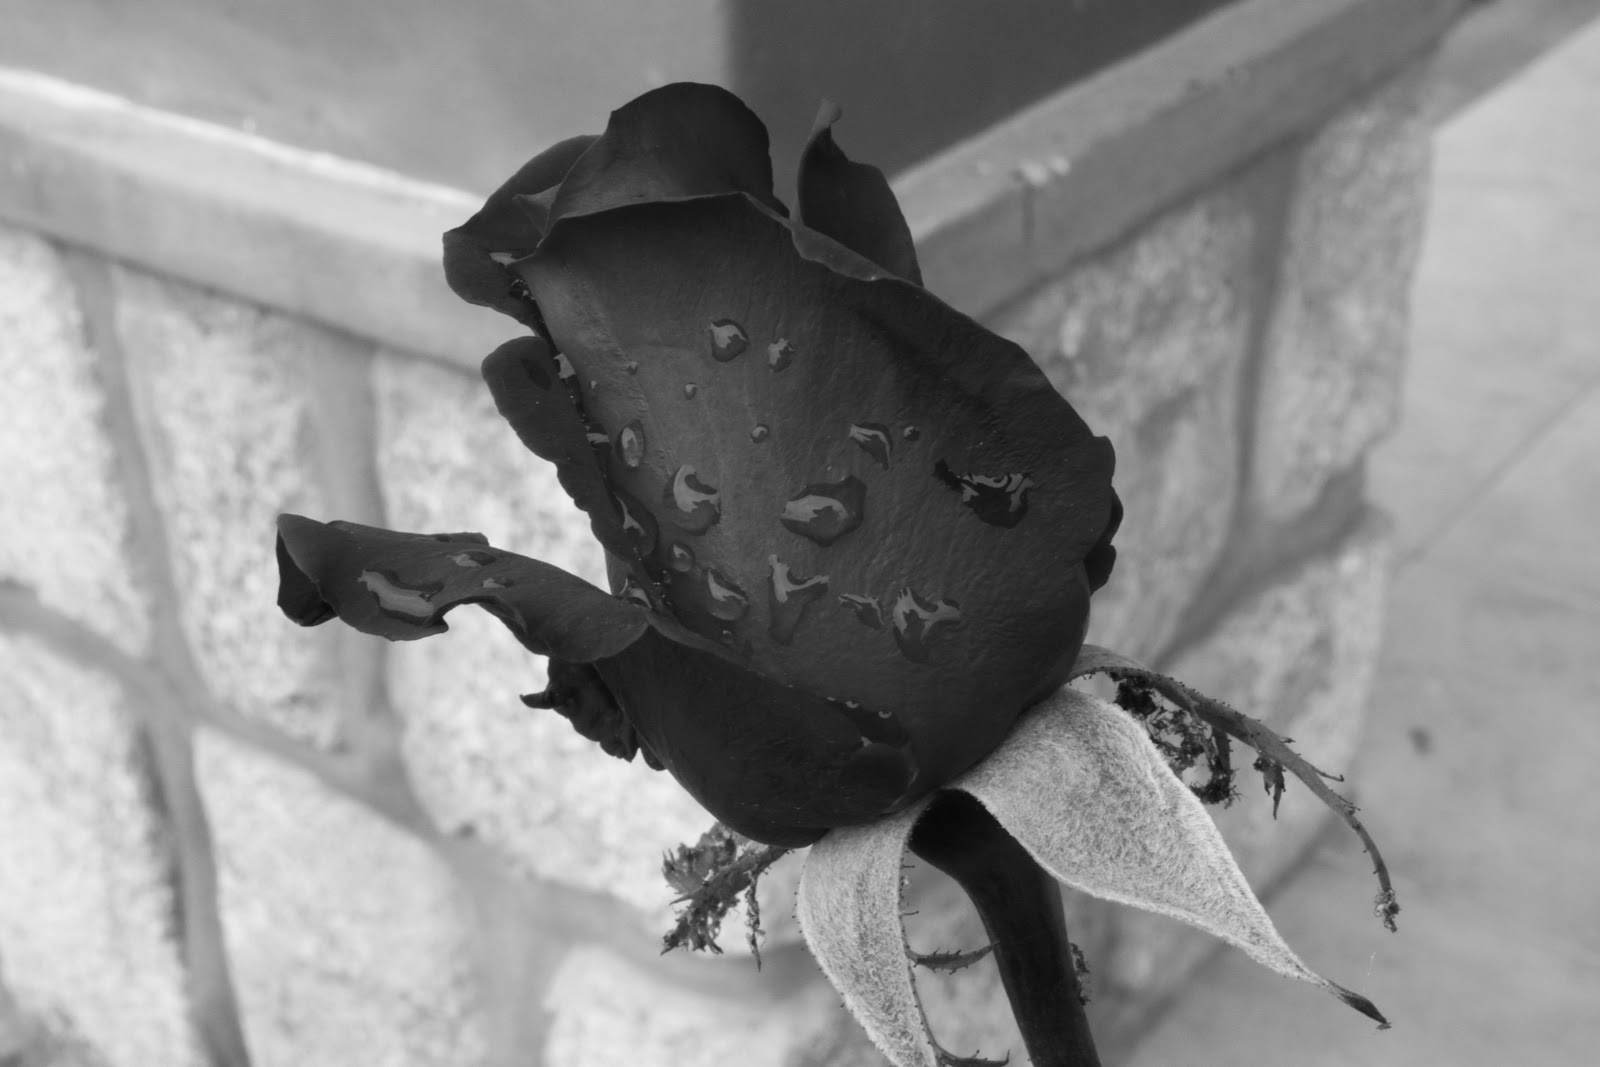 Imagen Rosas negras Imágenes facebook gratis - Imagenes De Rosas Negras Para Descargar